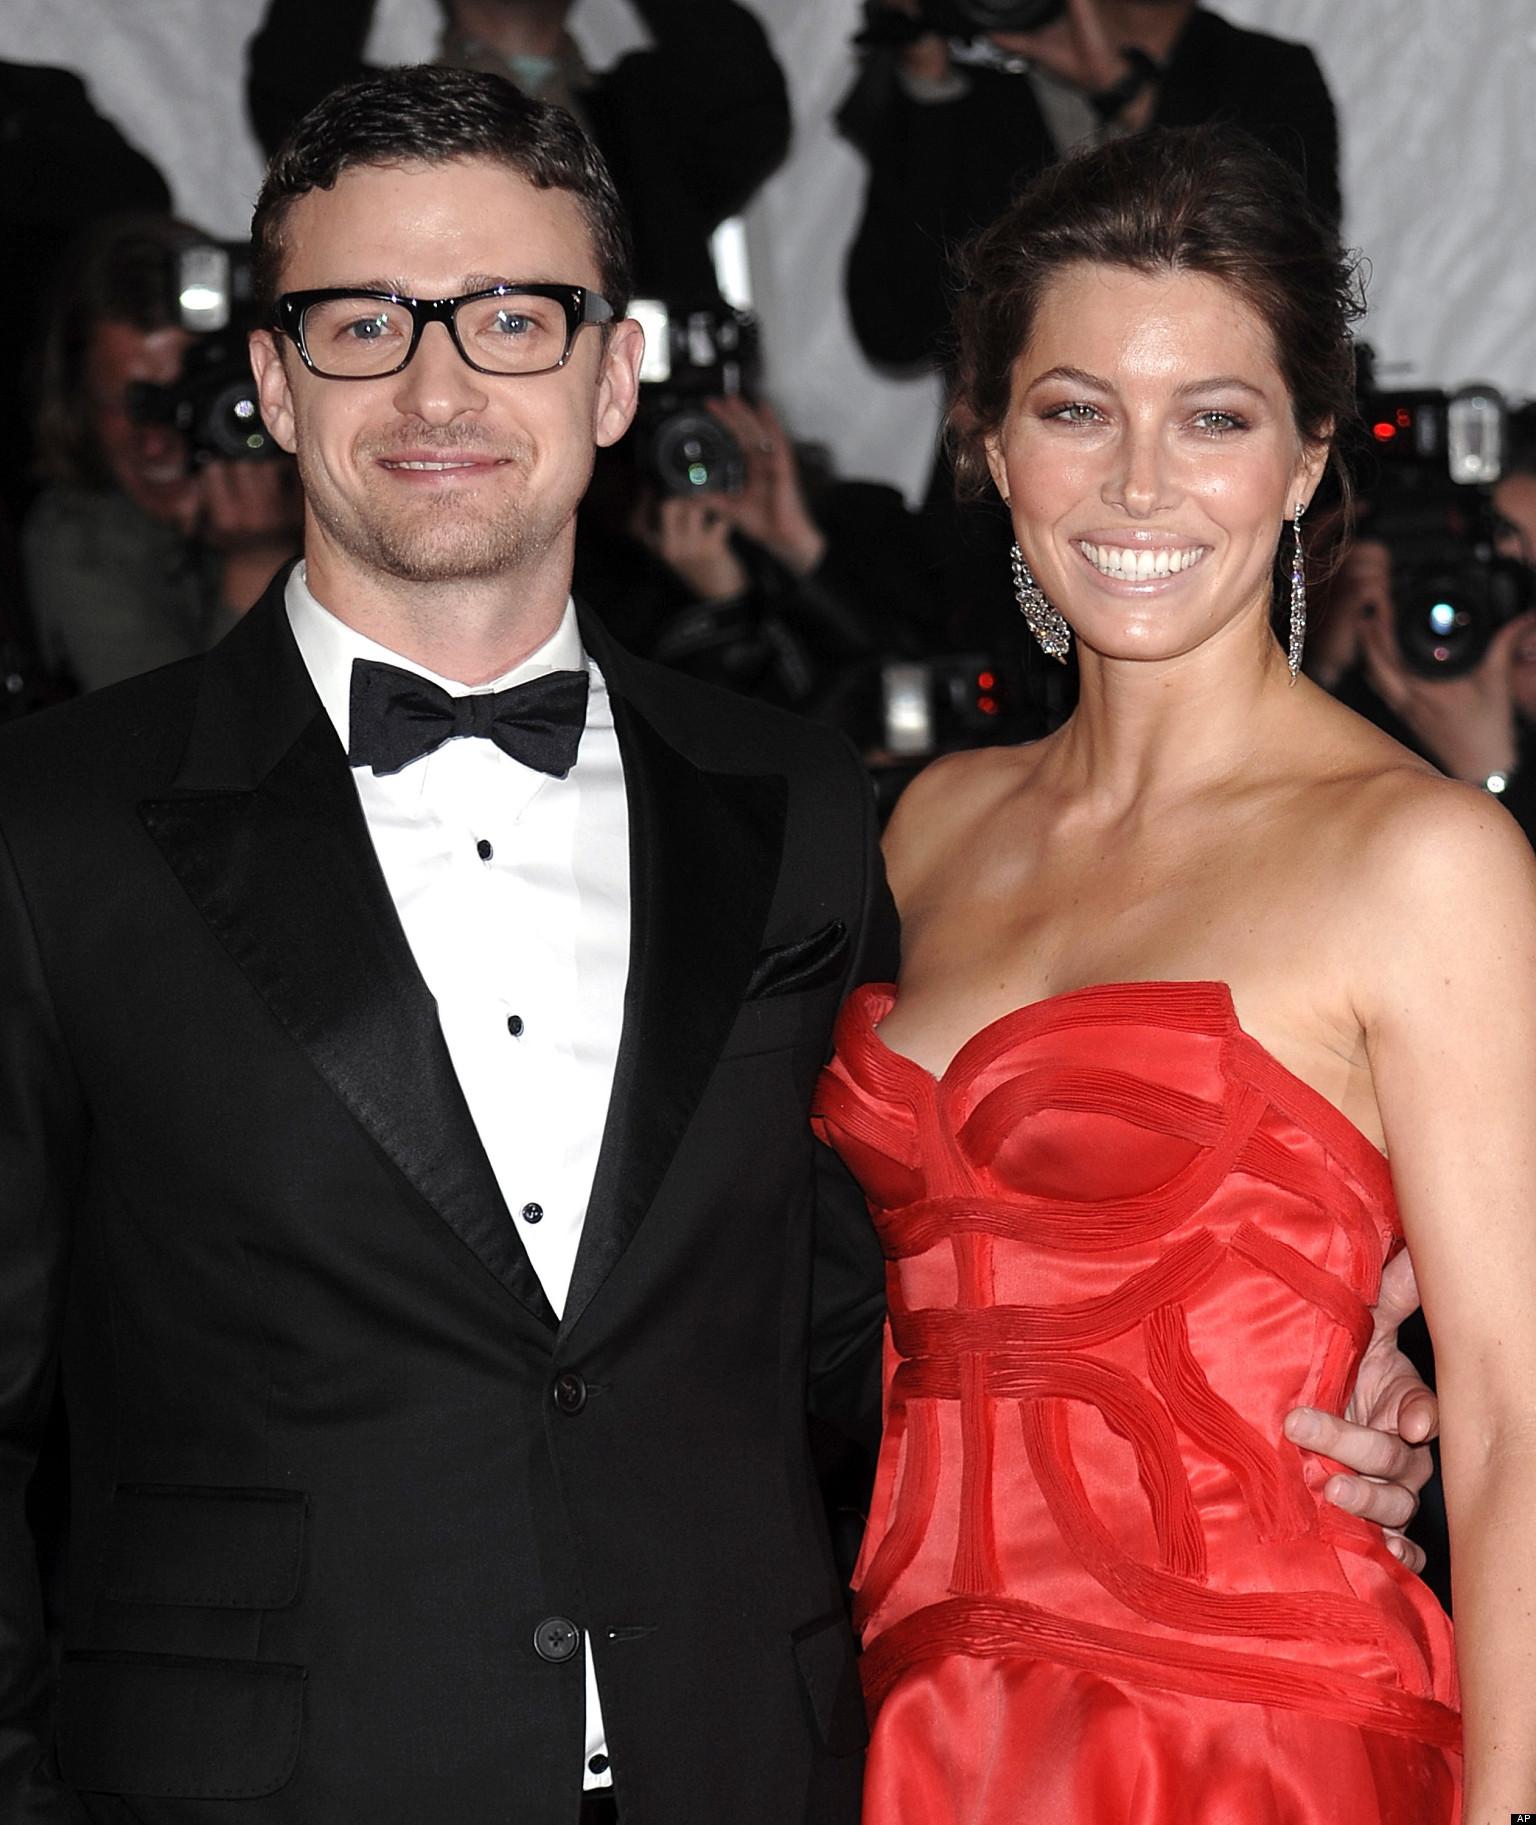 Justin Timberlake Debuts New Song At Wedding, Performs